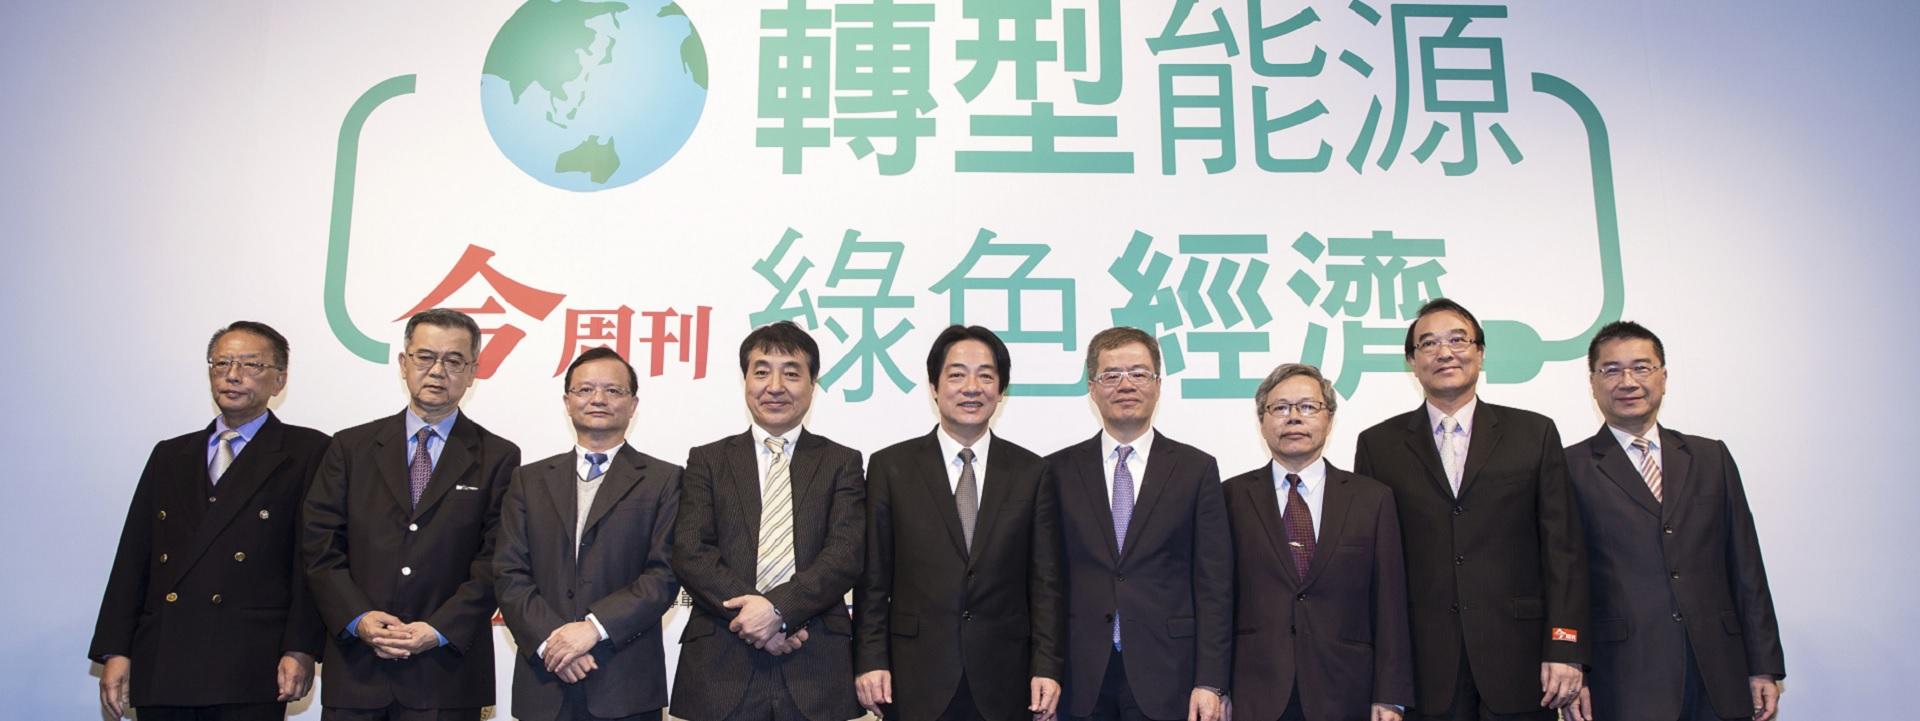 台灣推動太陽能 方向一開始就錯了?